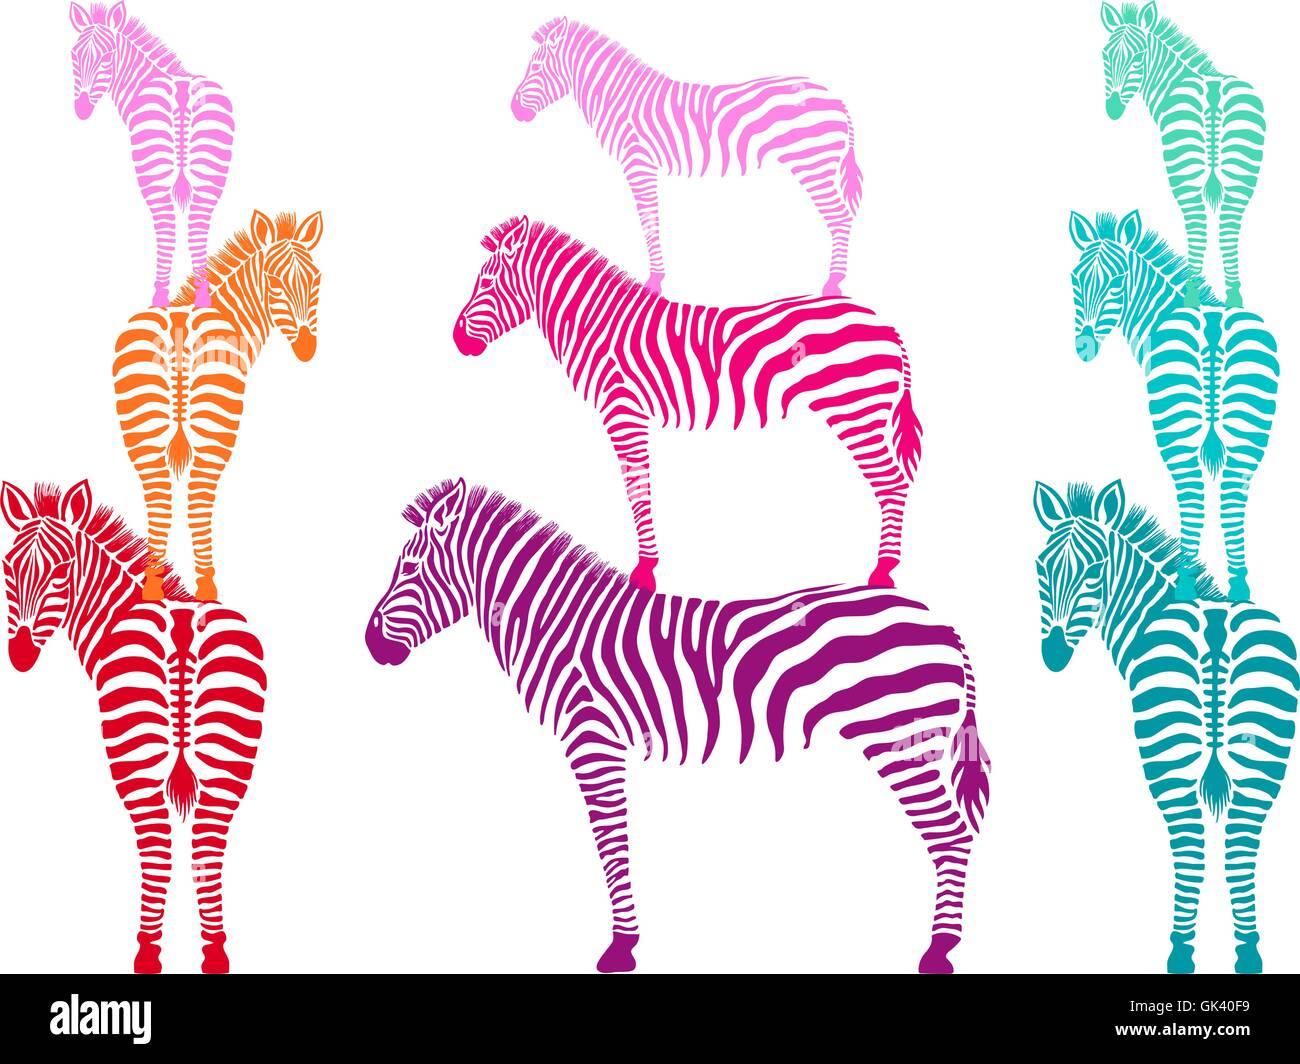 Les zèbres colorés debout, côté et vue de dos, vector illustration Photo Stock